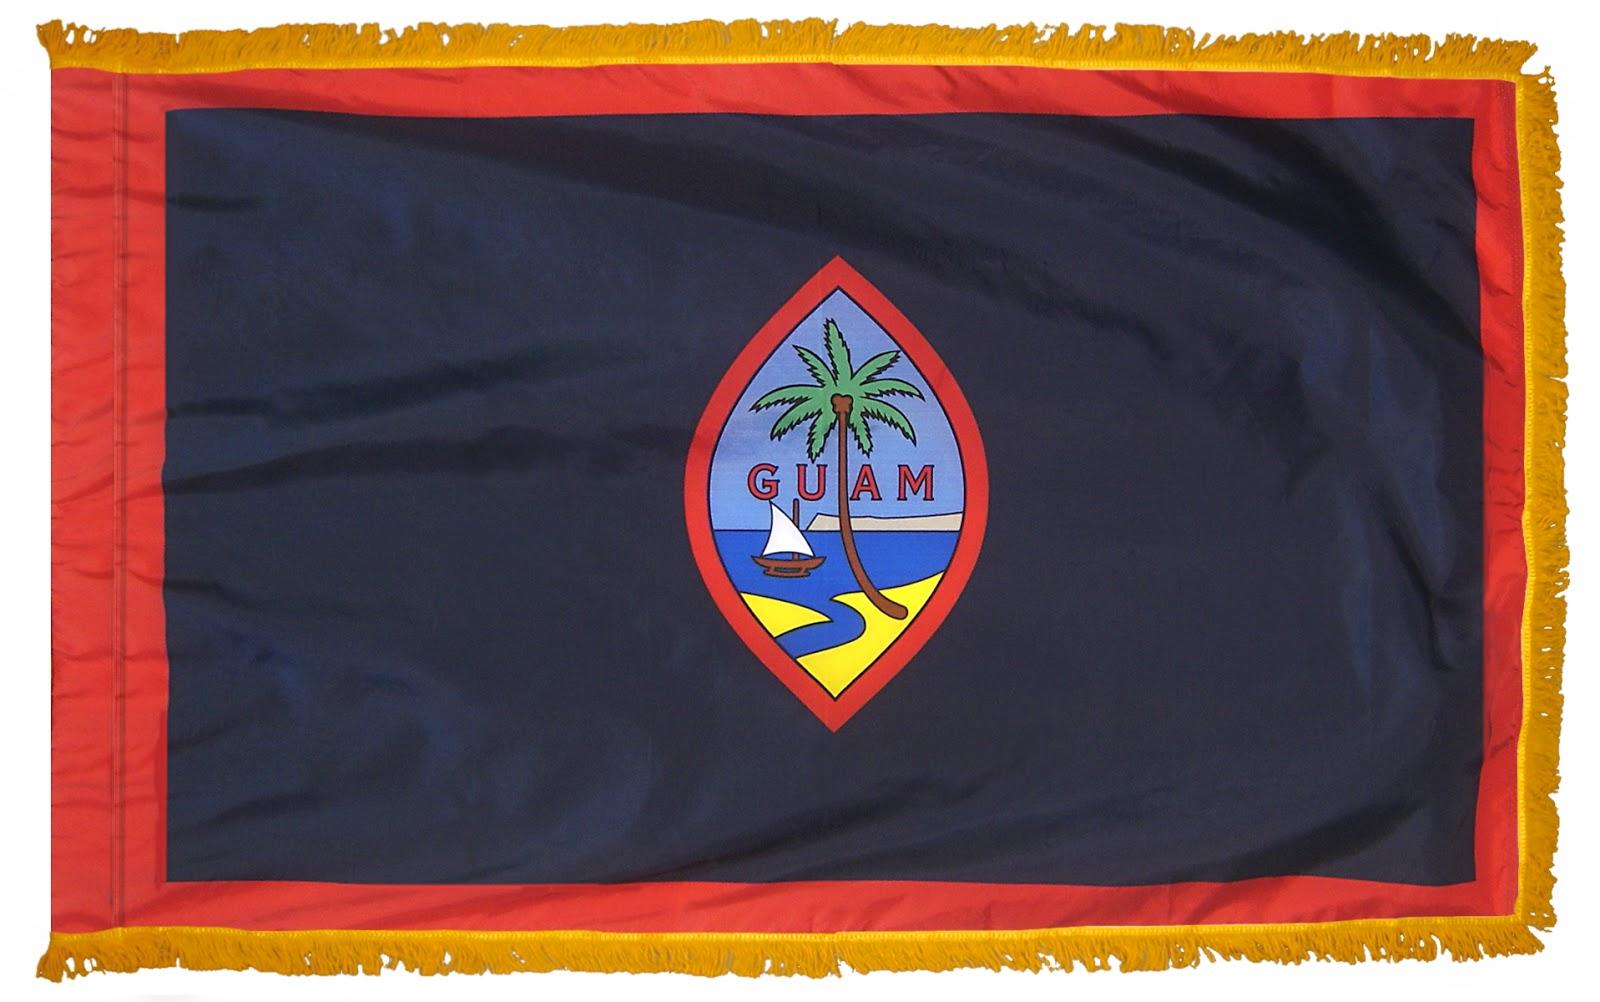 graafix flag of guam